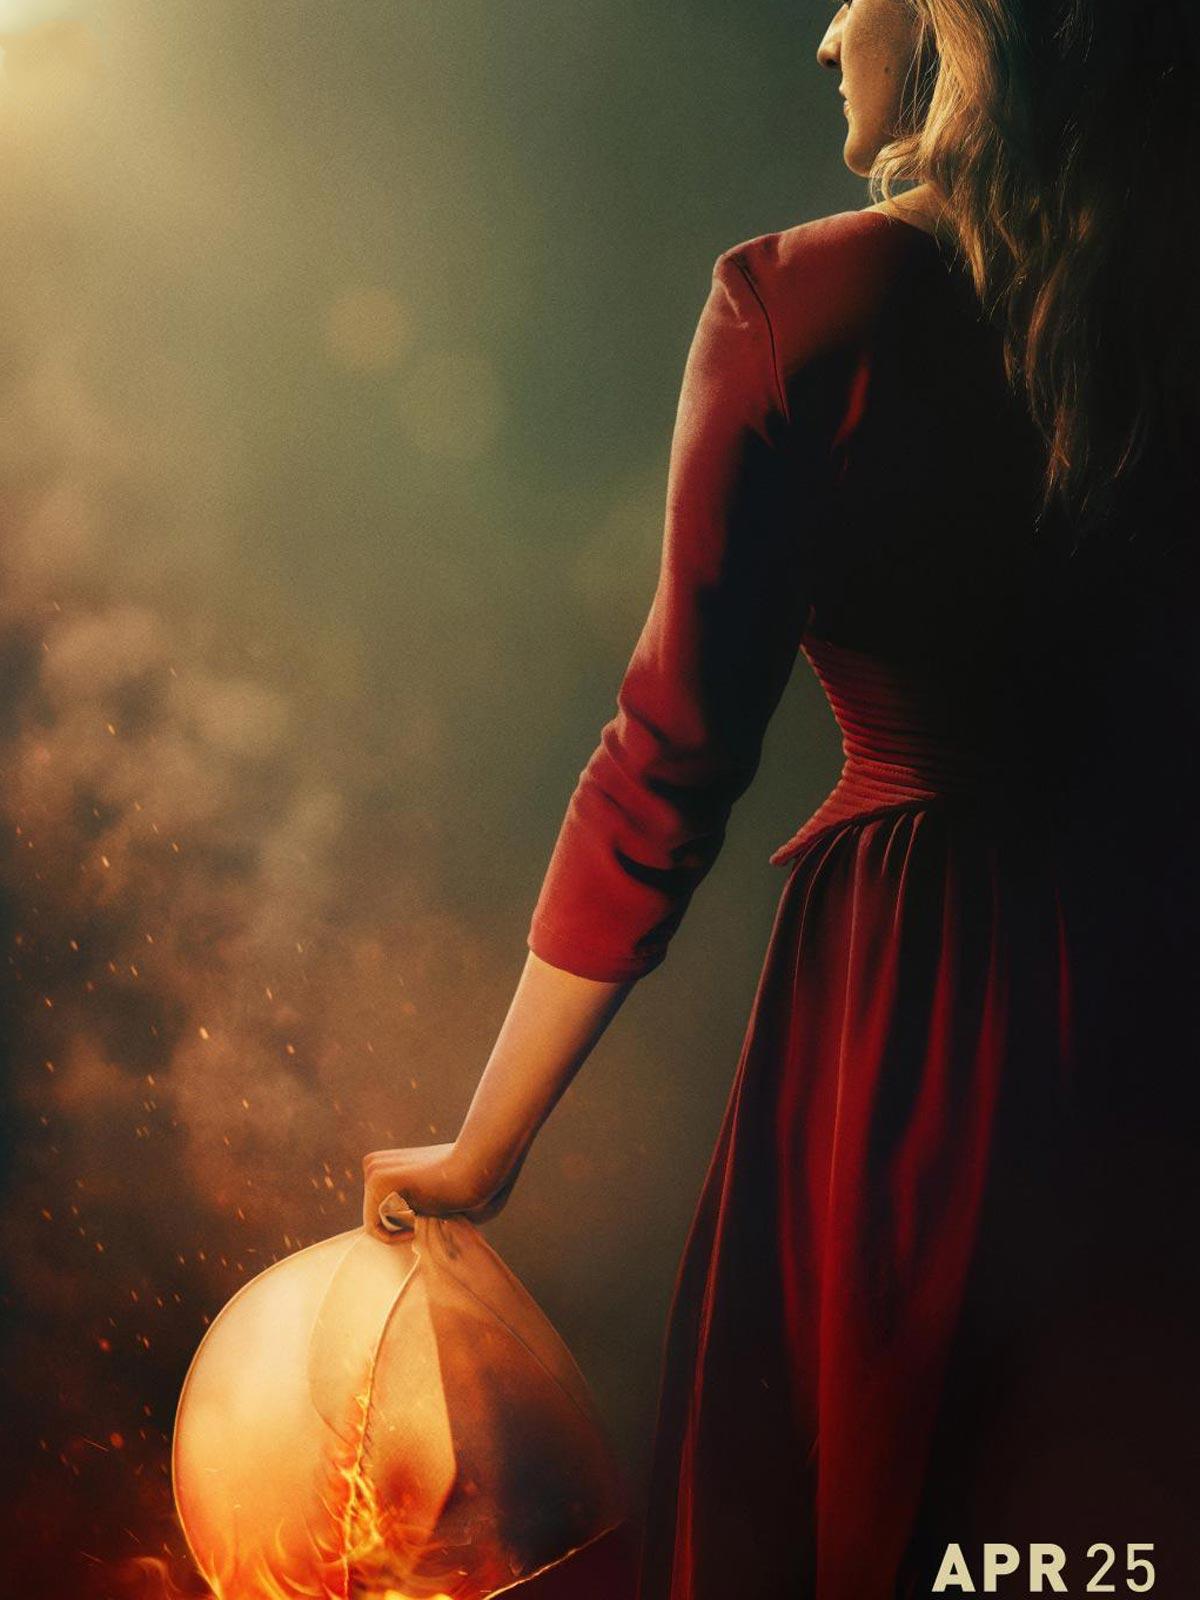 Affiche de la série The Handmaid's Tale